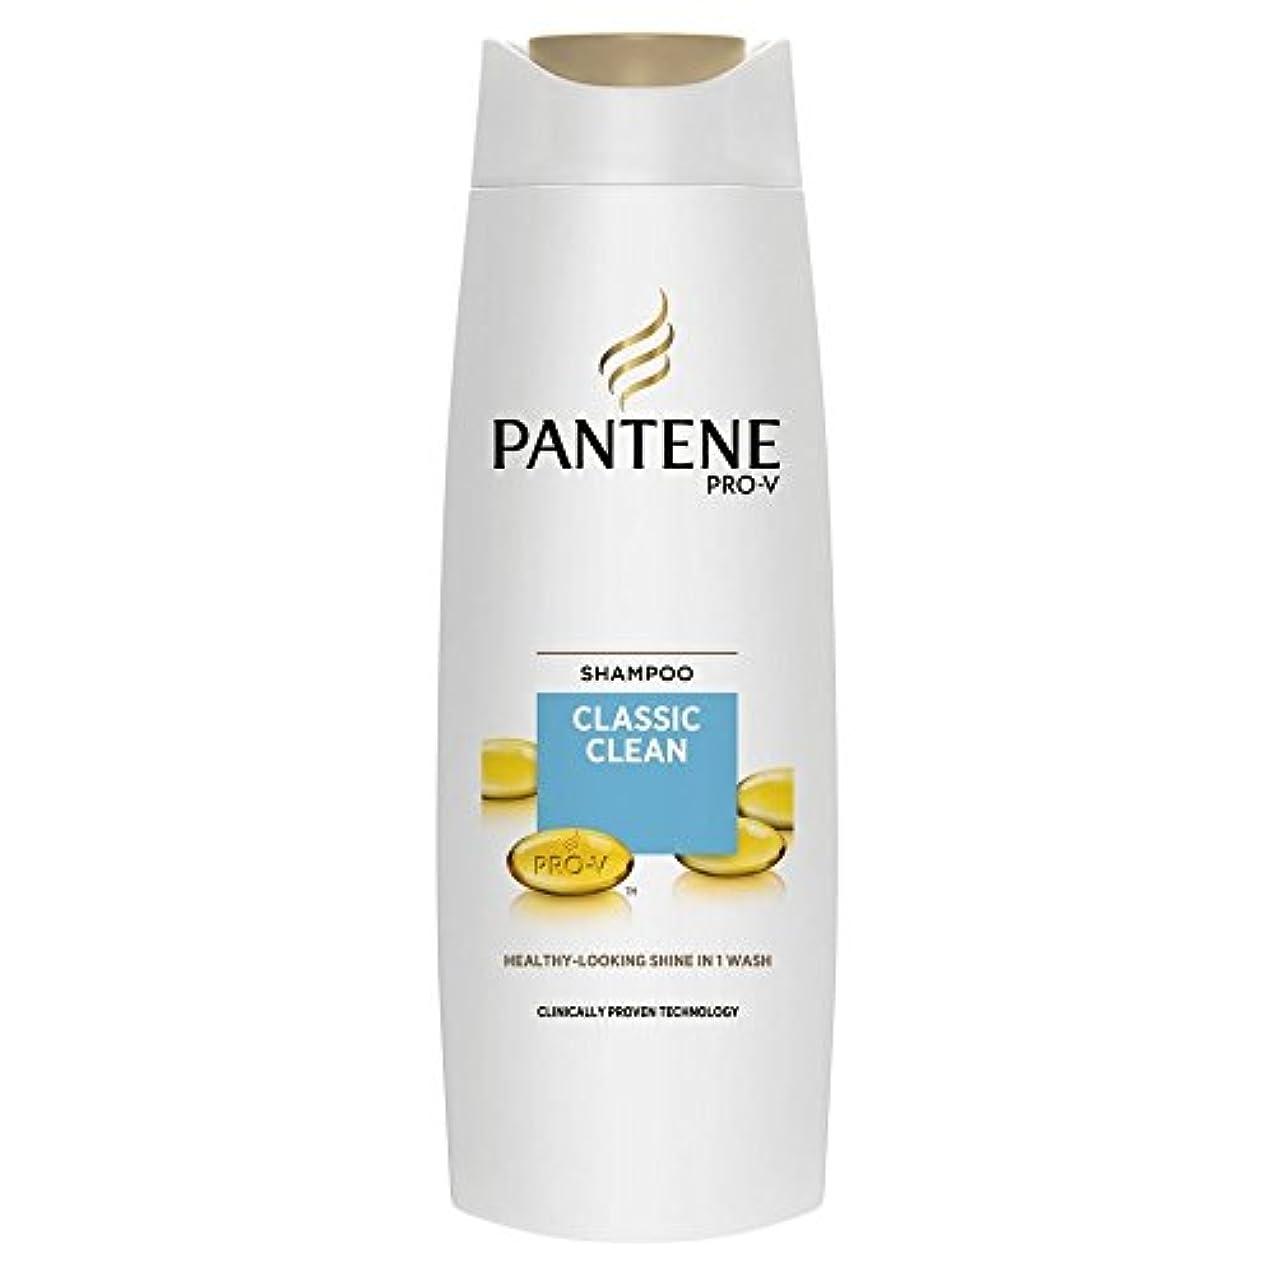 知覚マルクス主義者価値Pantene Pro-V Classic Care Shampoo (250ml) パンテーンプロv古典的なケアシャンプー( 250ミリリットル) [並行輸入品]